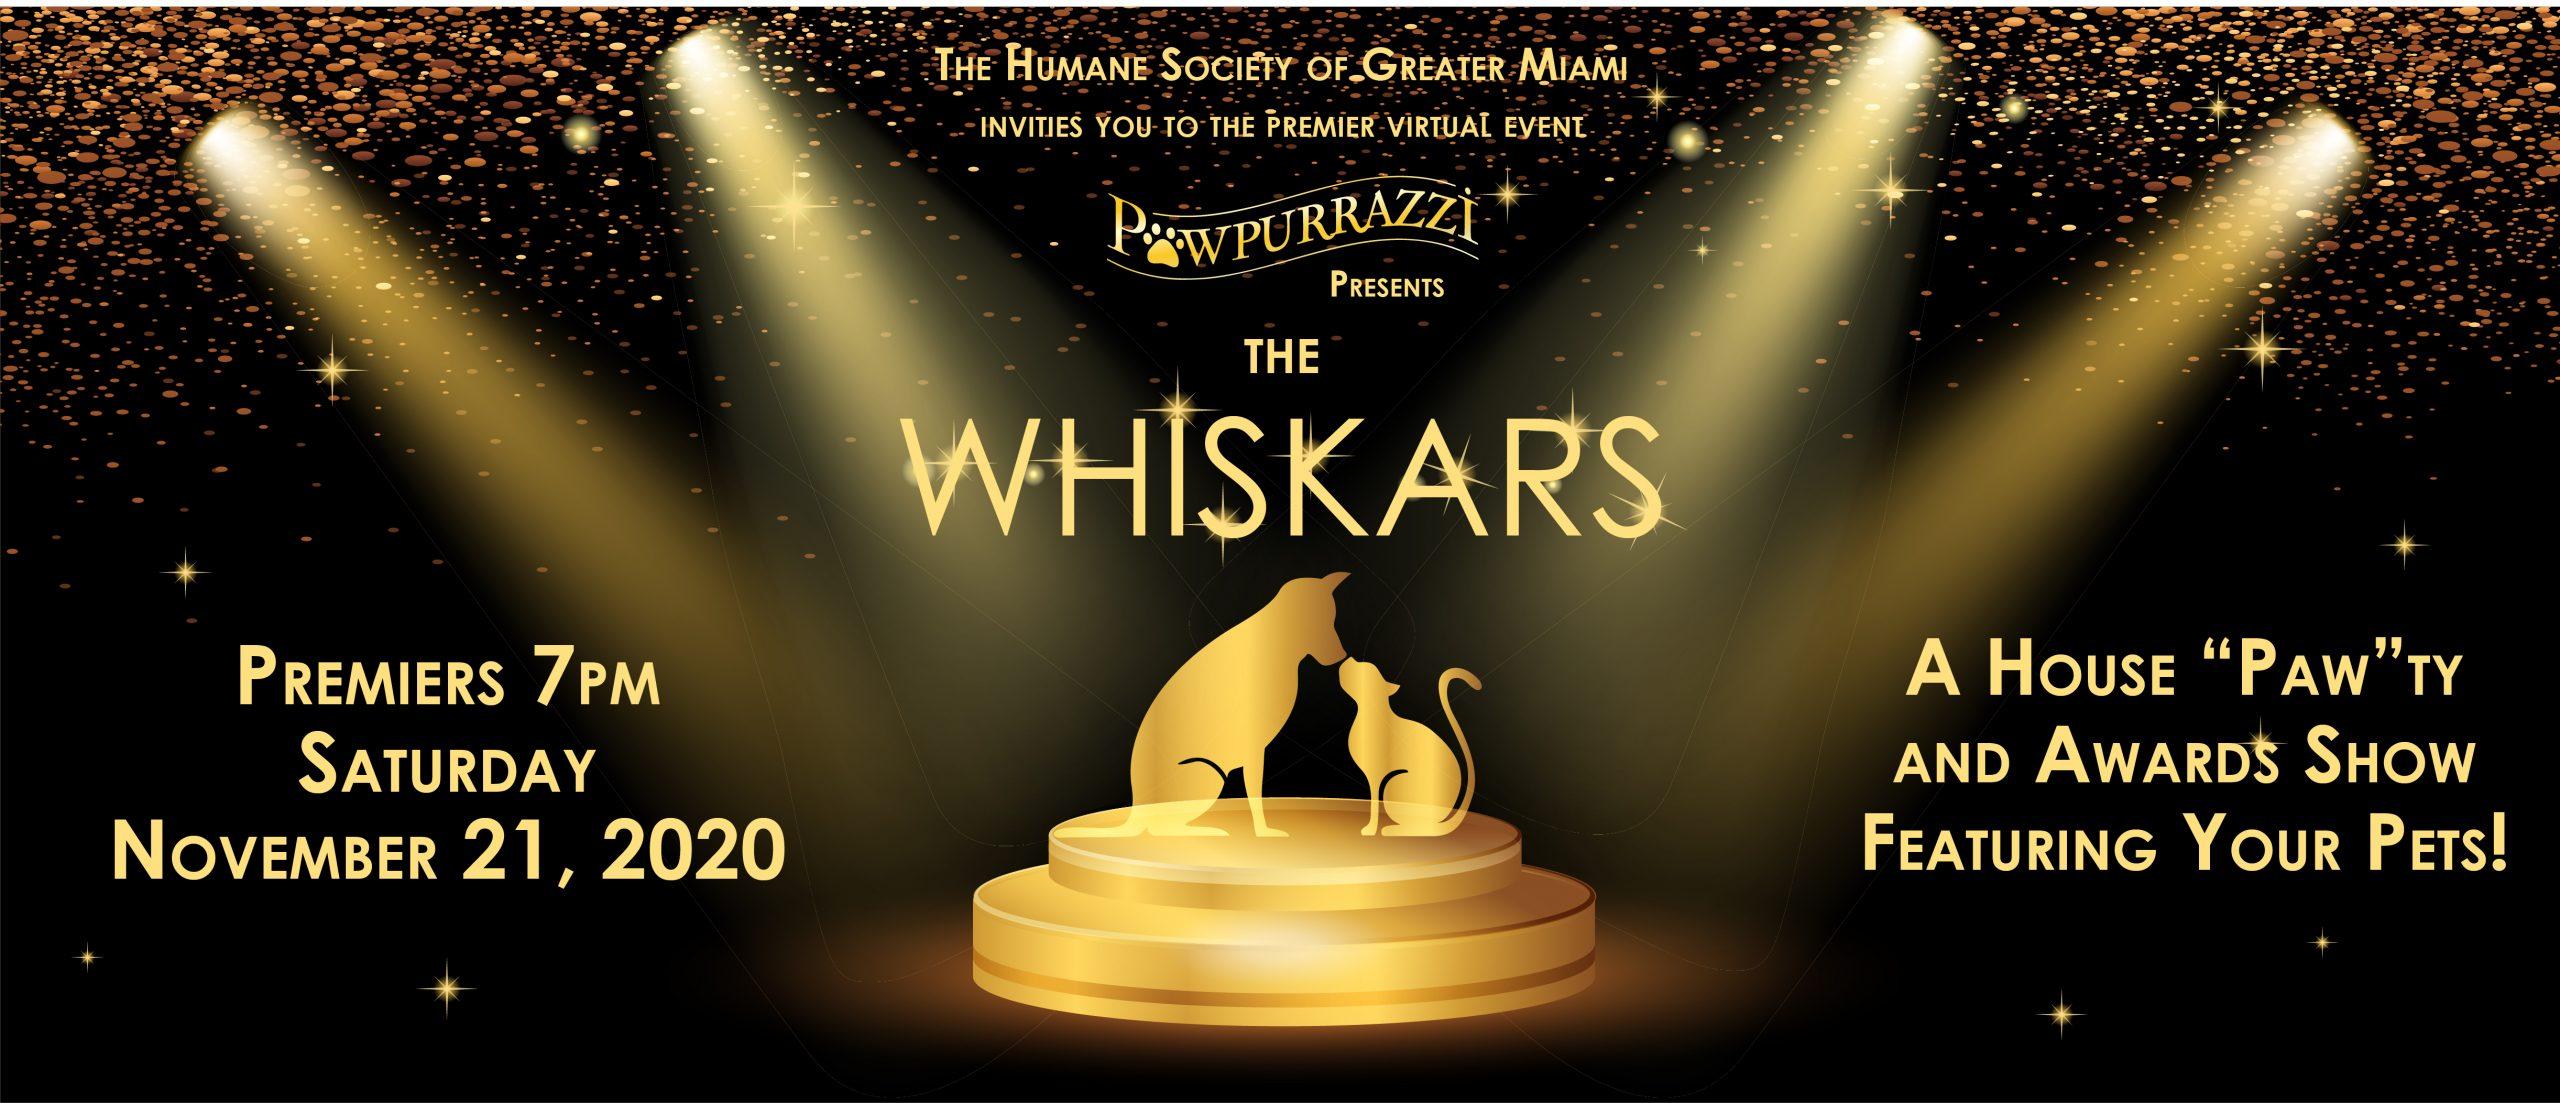 Pawpurrazzi Presents THE WHISKARS – Revolution Slider